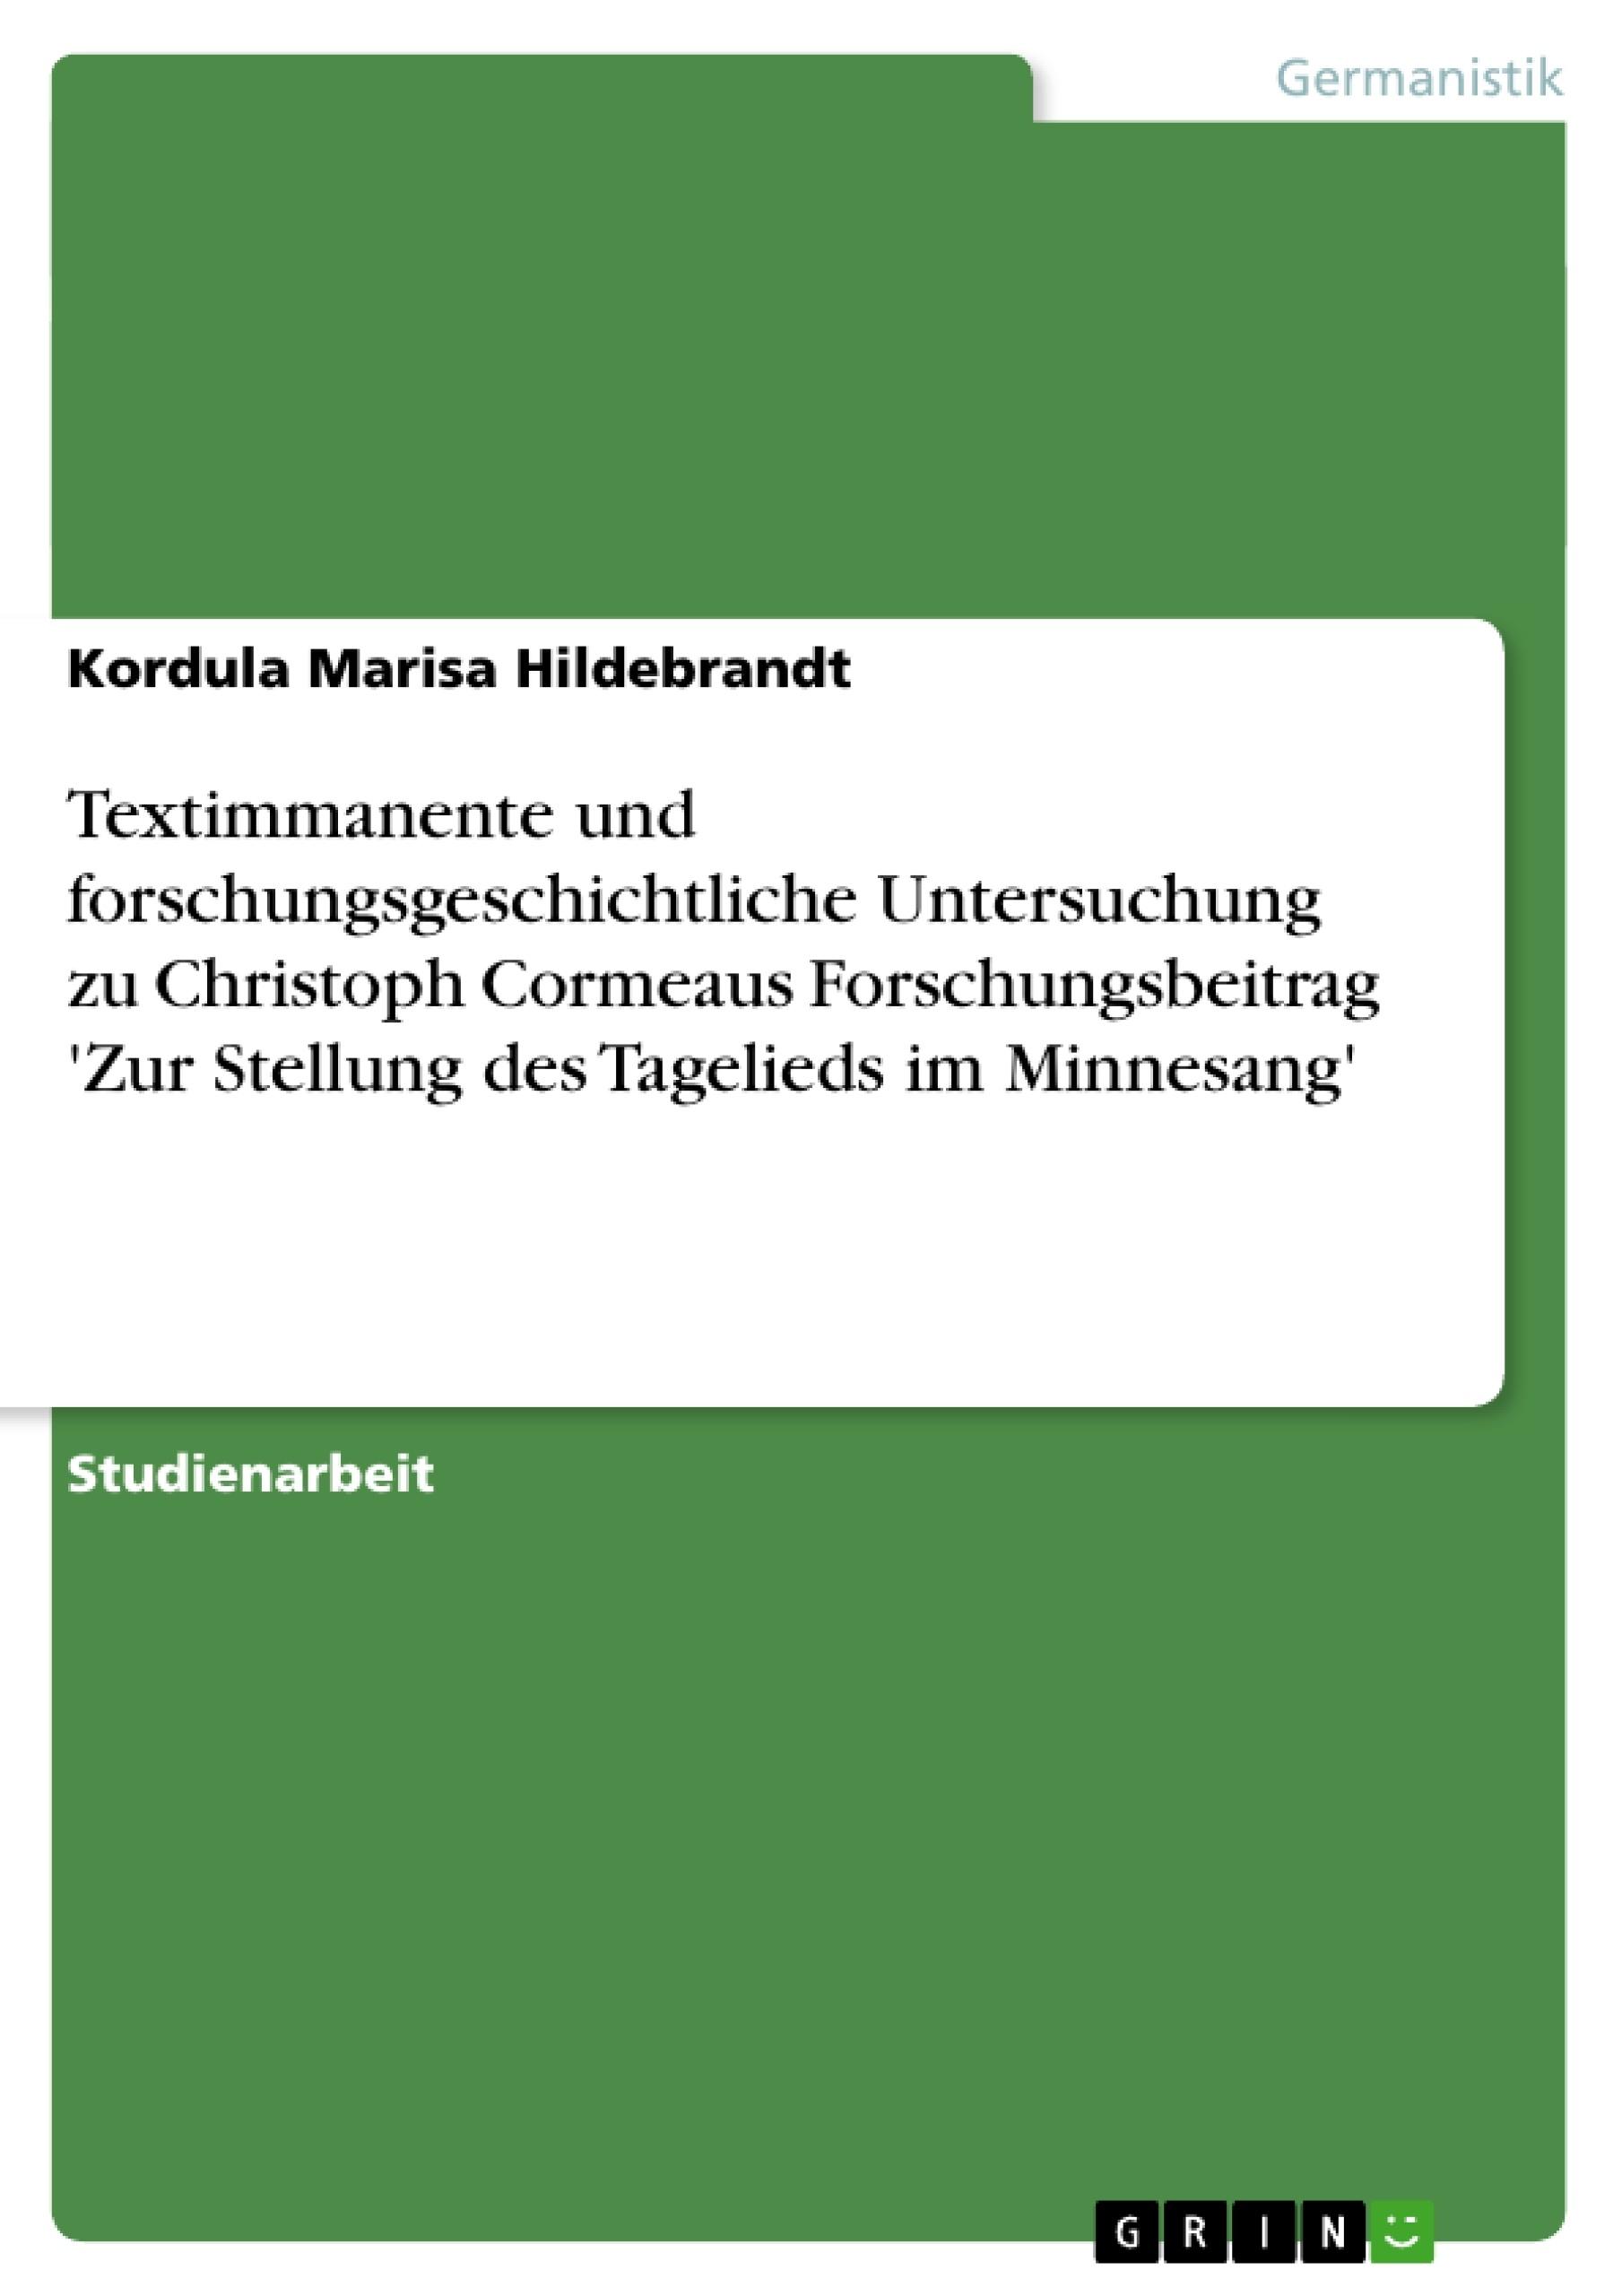 Titel: Textimmanente und forschungsgeschichtliche Untersuchung zu Christoph Cormeaus Forschungsbeitrag 'Zur Stellung des Tagelieds im Minnesang'